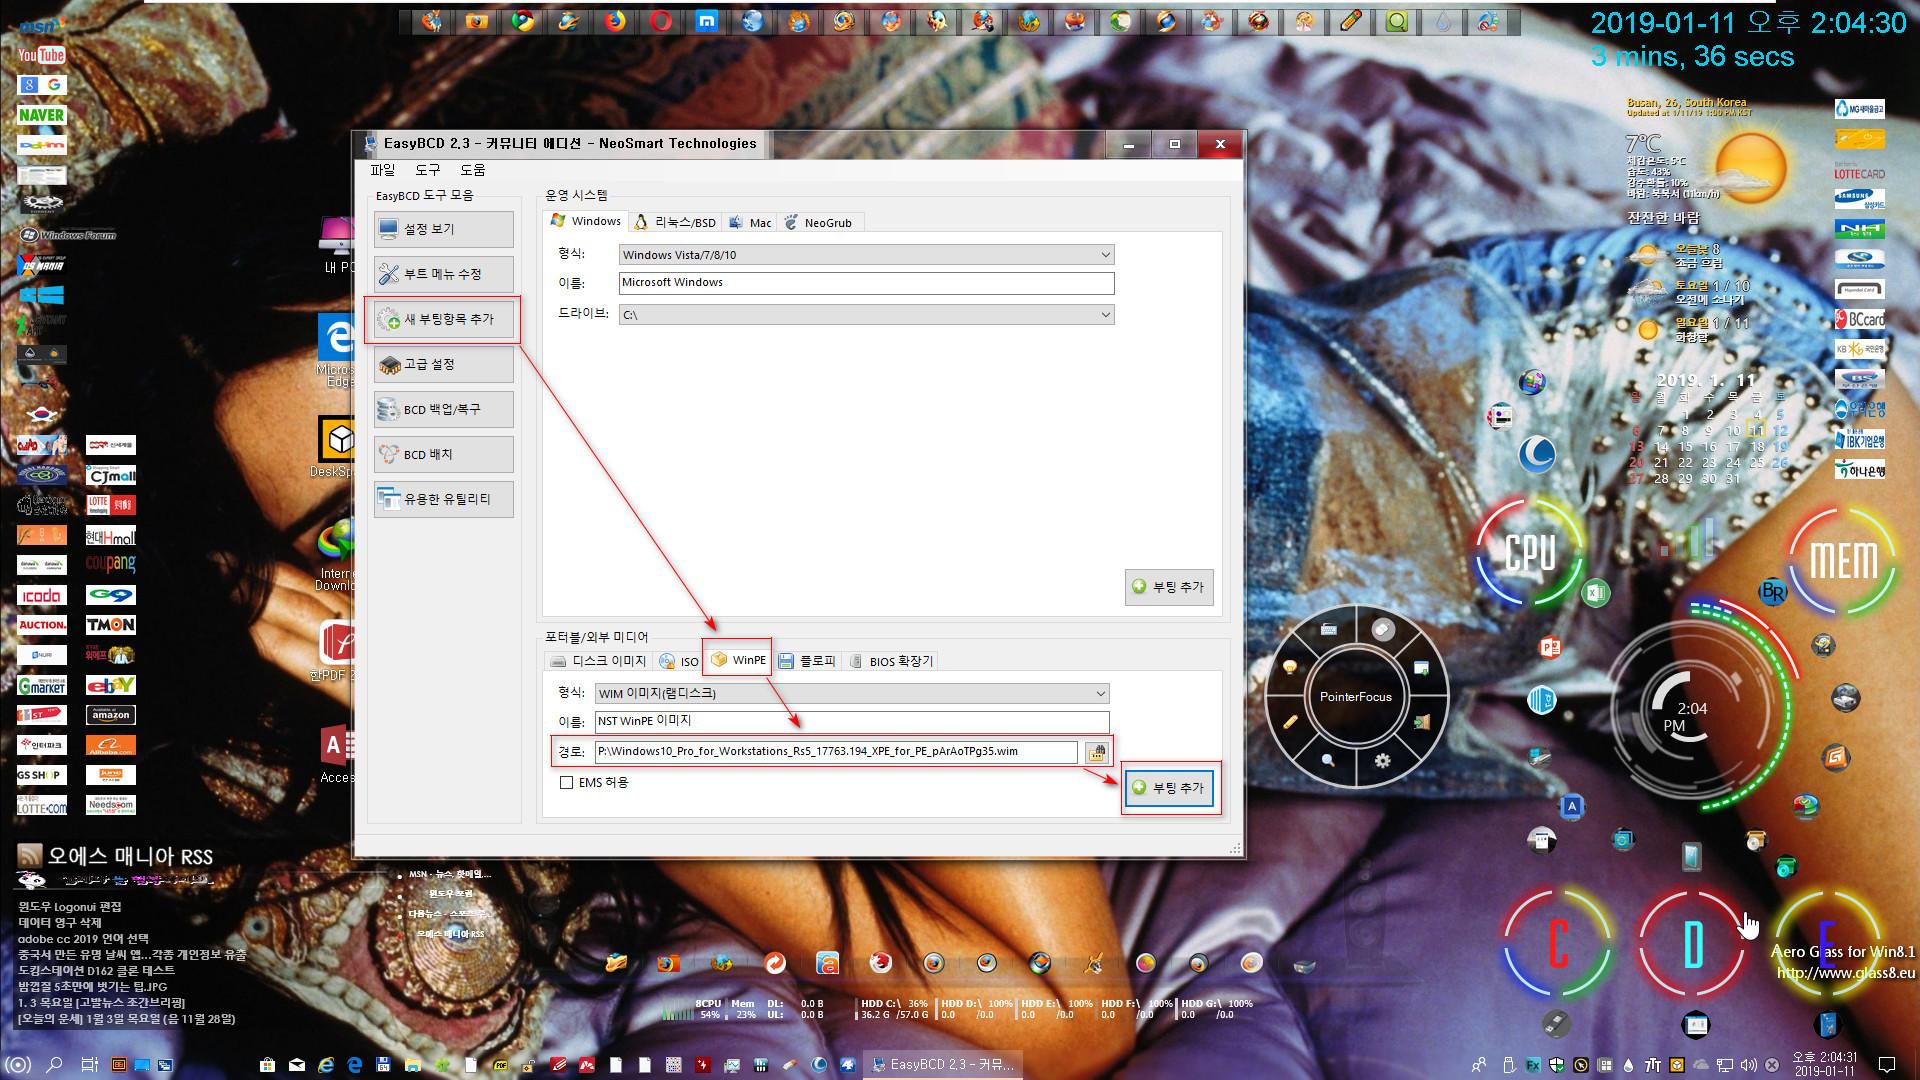 태풍OO님 Win10_Rs5_pArAoTPg35_윈도와PE의프로그램들공유-vhd만들어서vmware에연결 - 우클릭 메뉴의 PE 부팅 수정하기 2019-01-11_140431.jpg